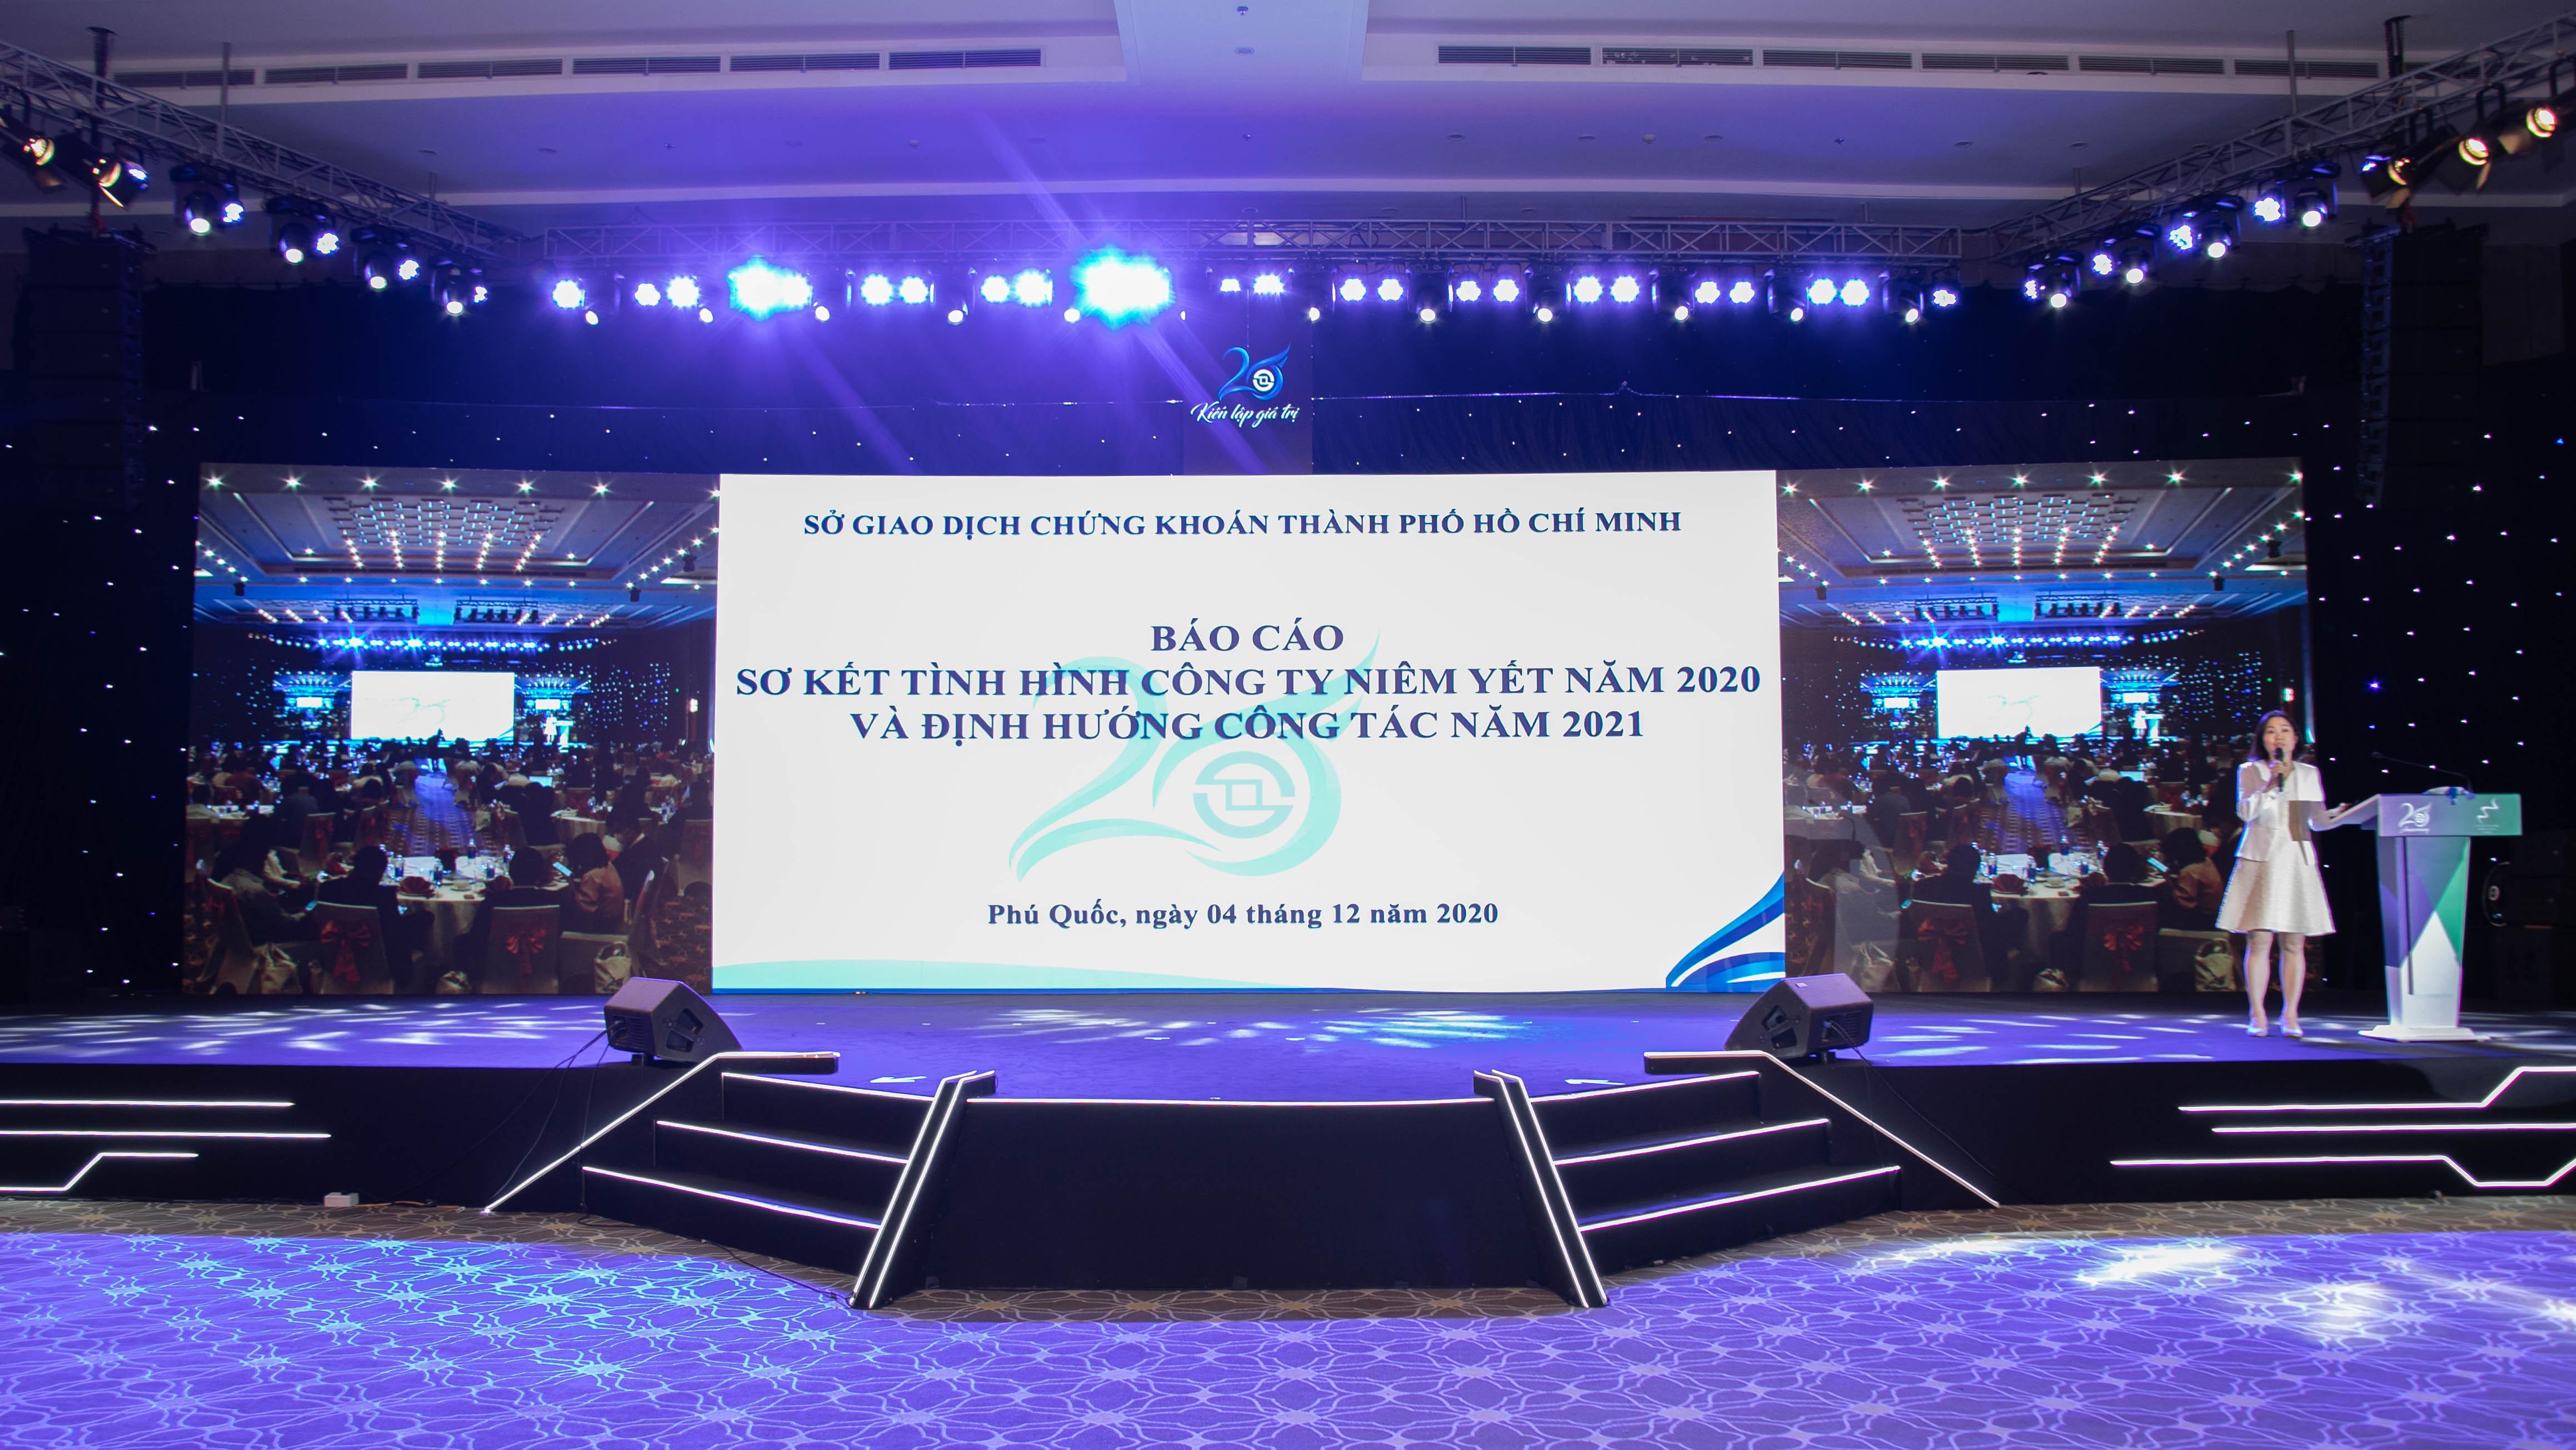 https://www.aravietnam.vn/wp-content/uploads/2020/12/IMG_8530.jpg